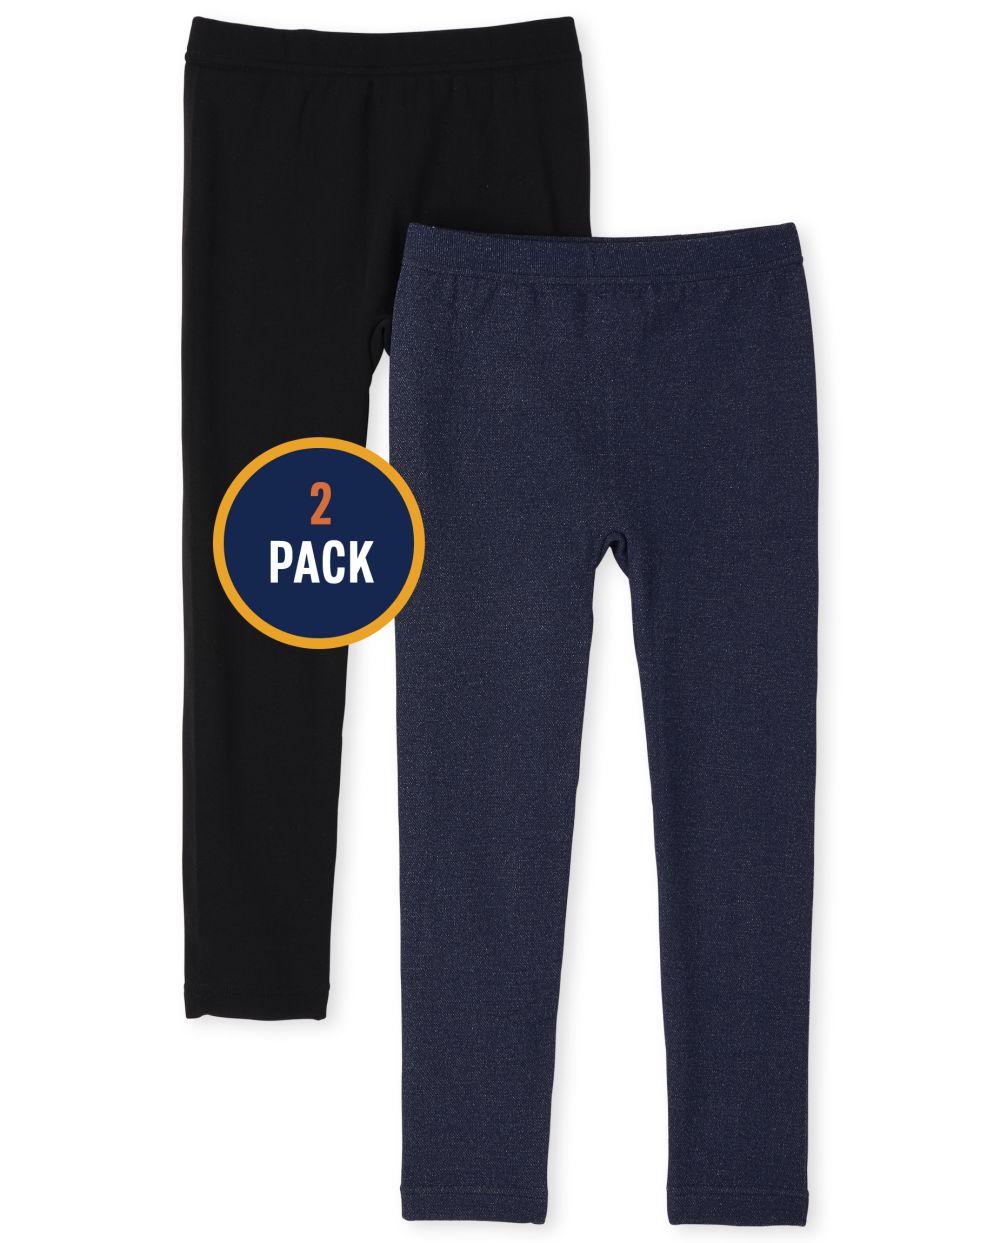 Pack de 2 leggings con forro polar de mezclilla sintética para niñas